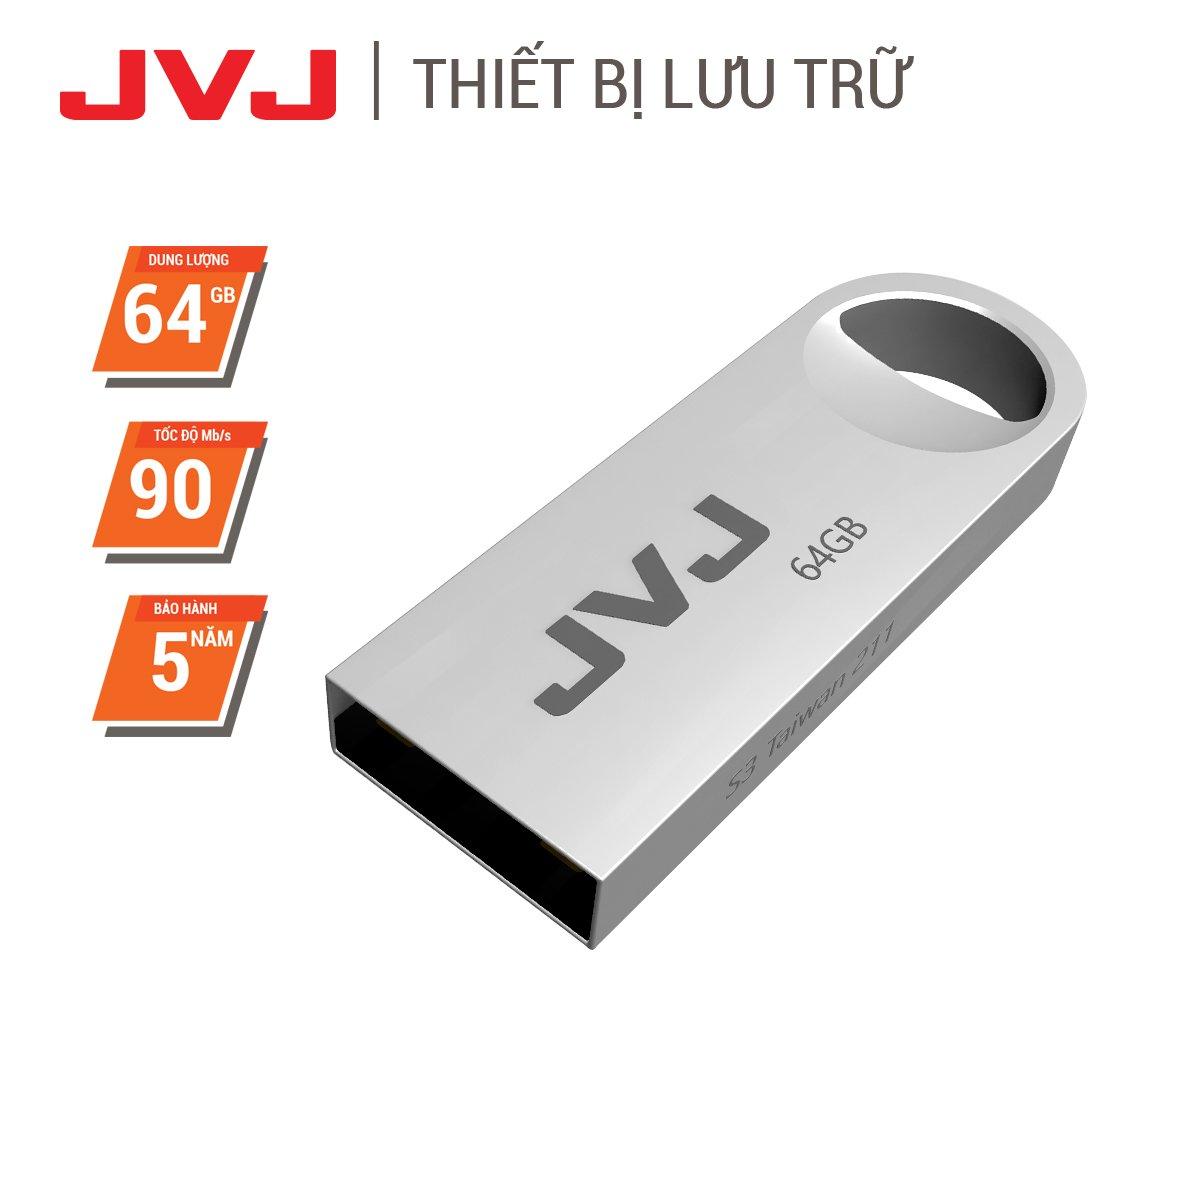 USB 64Gb/32Gb/16Gb/8Gb/4Gb JVJ S3 siêu nhỏ vỏ kim loại - USB 2.0, tốc độ upto 30MB/s siêu nhỏ chống sốc...